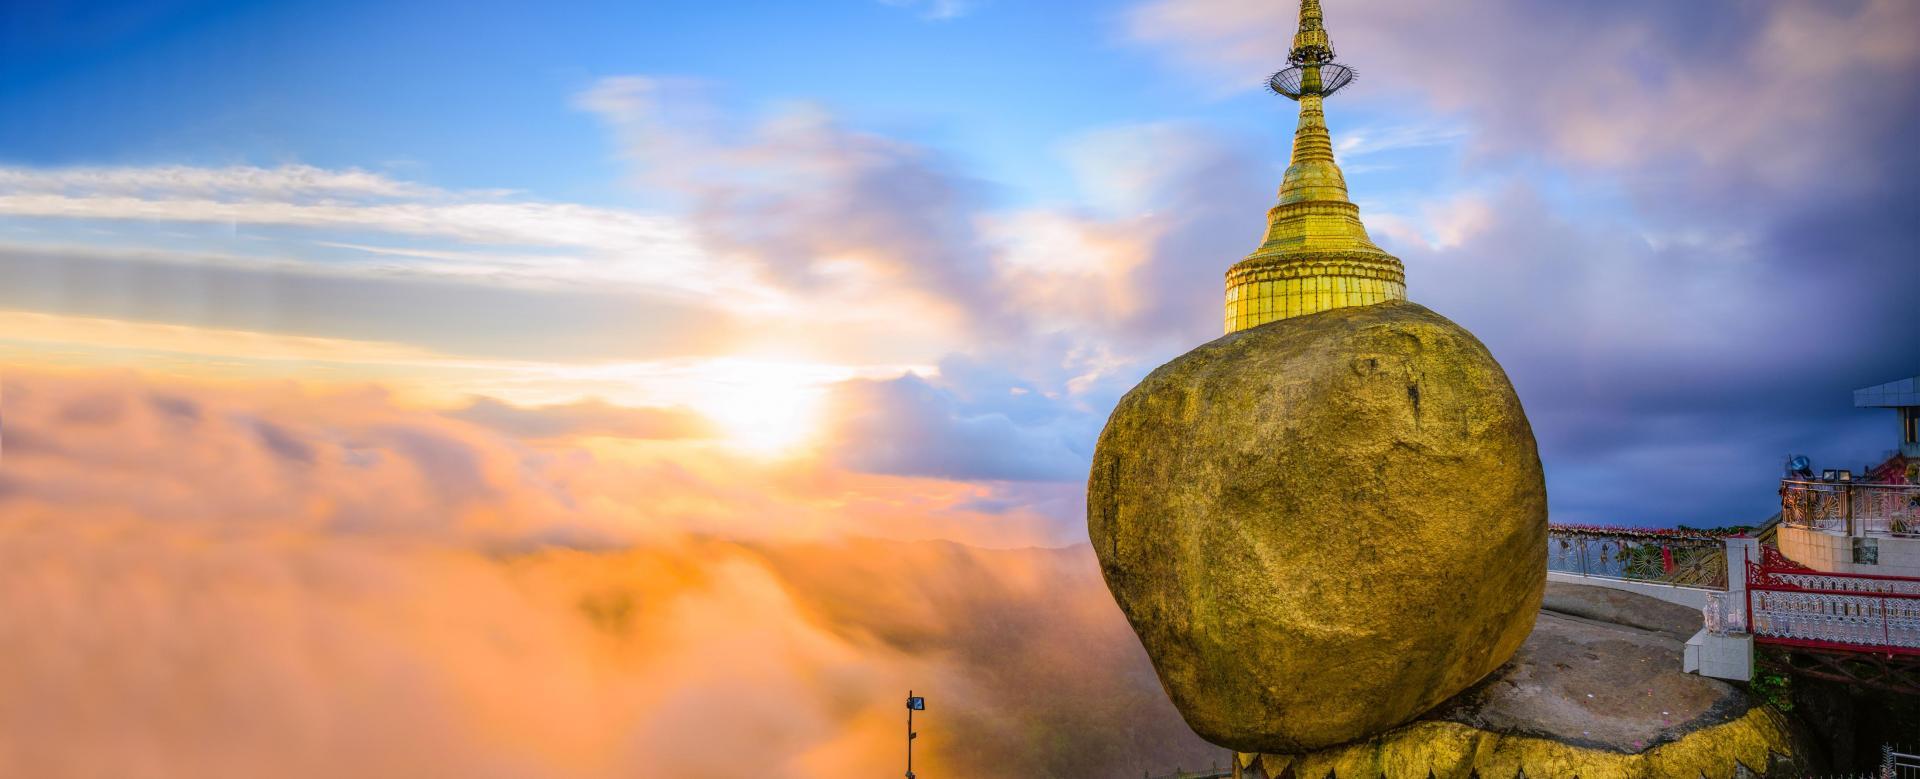 Voyage sur l'eau : Temples du nord et rocher d\'or